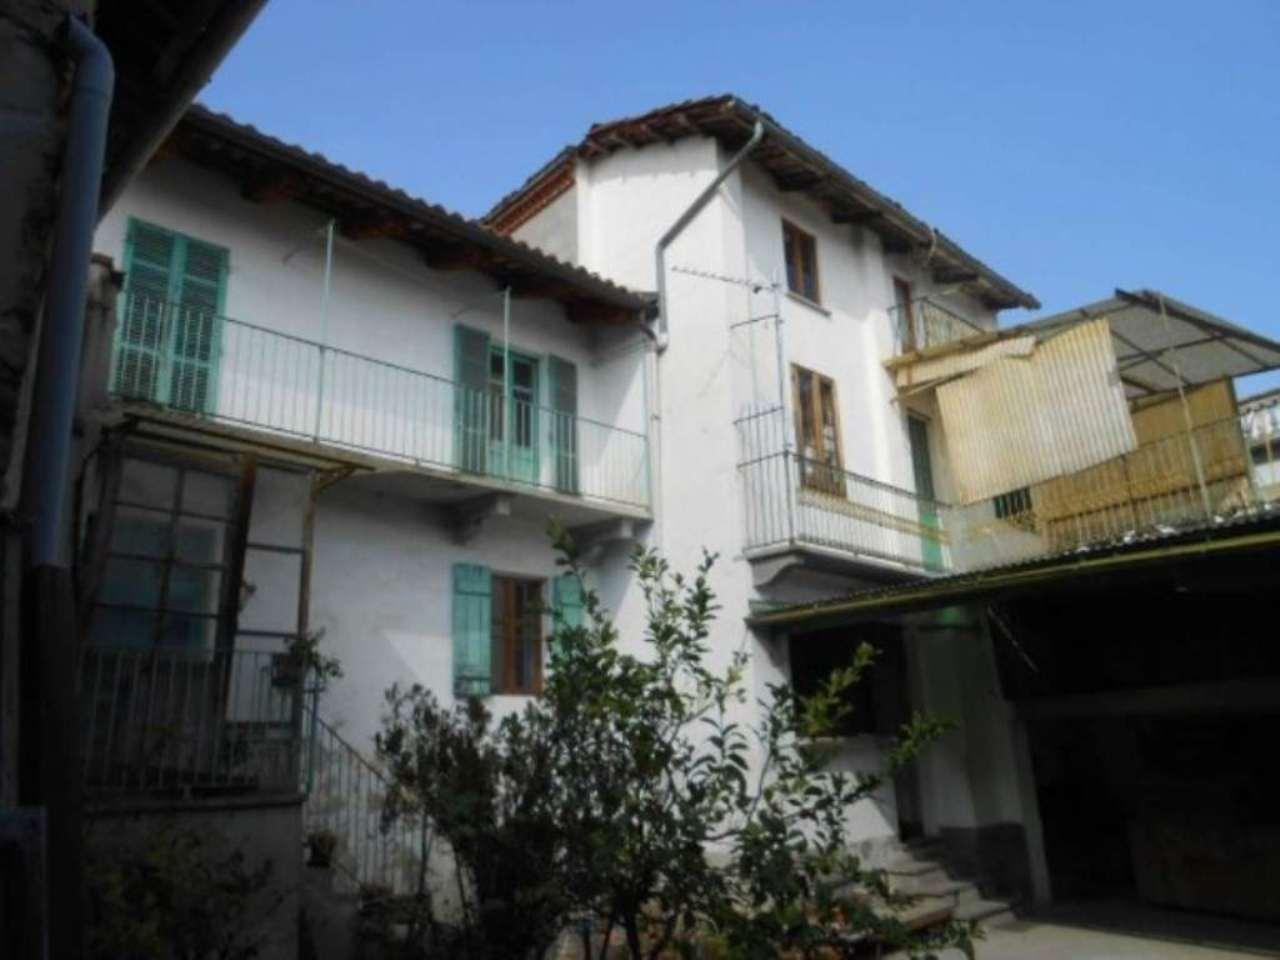 Palazzo / Stabile in vendita a Pino d'Asti, 6 locali, prezzo € 119.000 | Cambio Casa.it